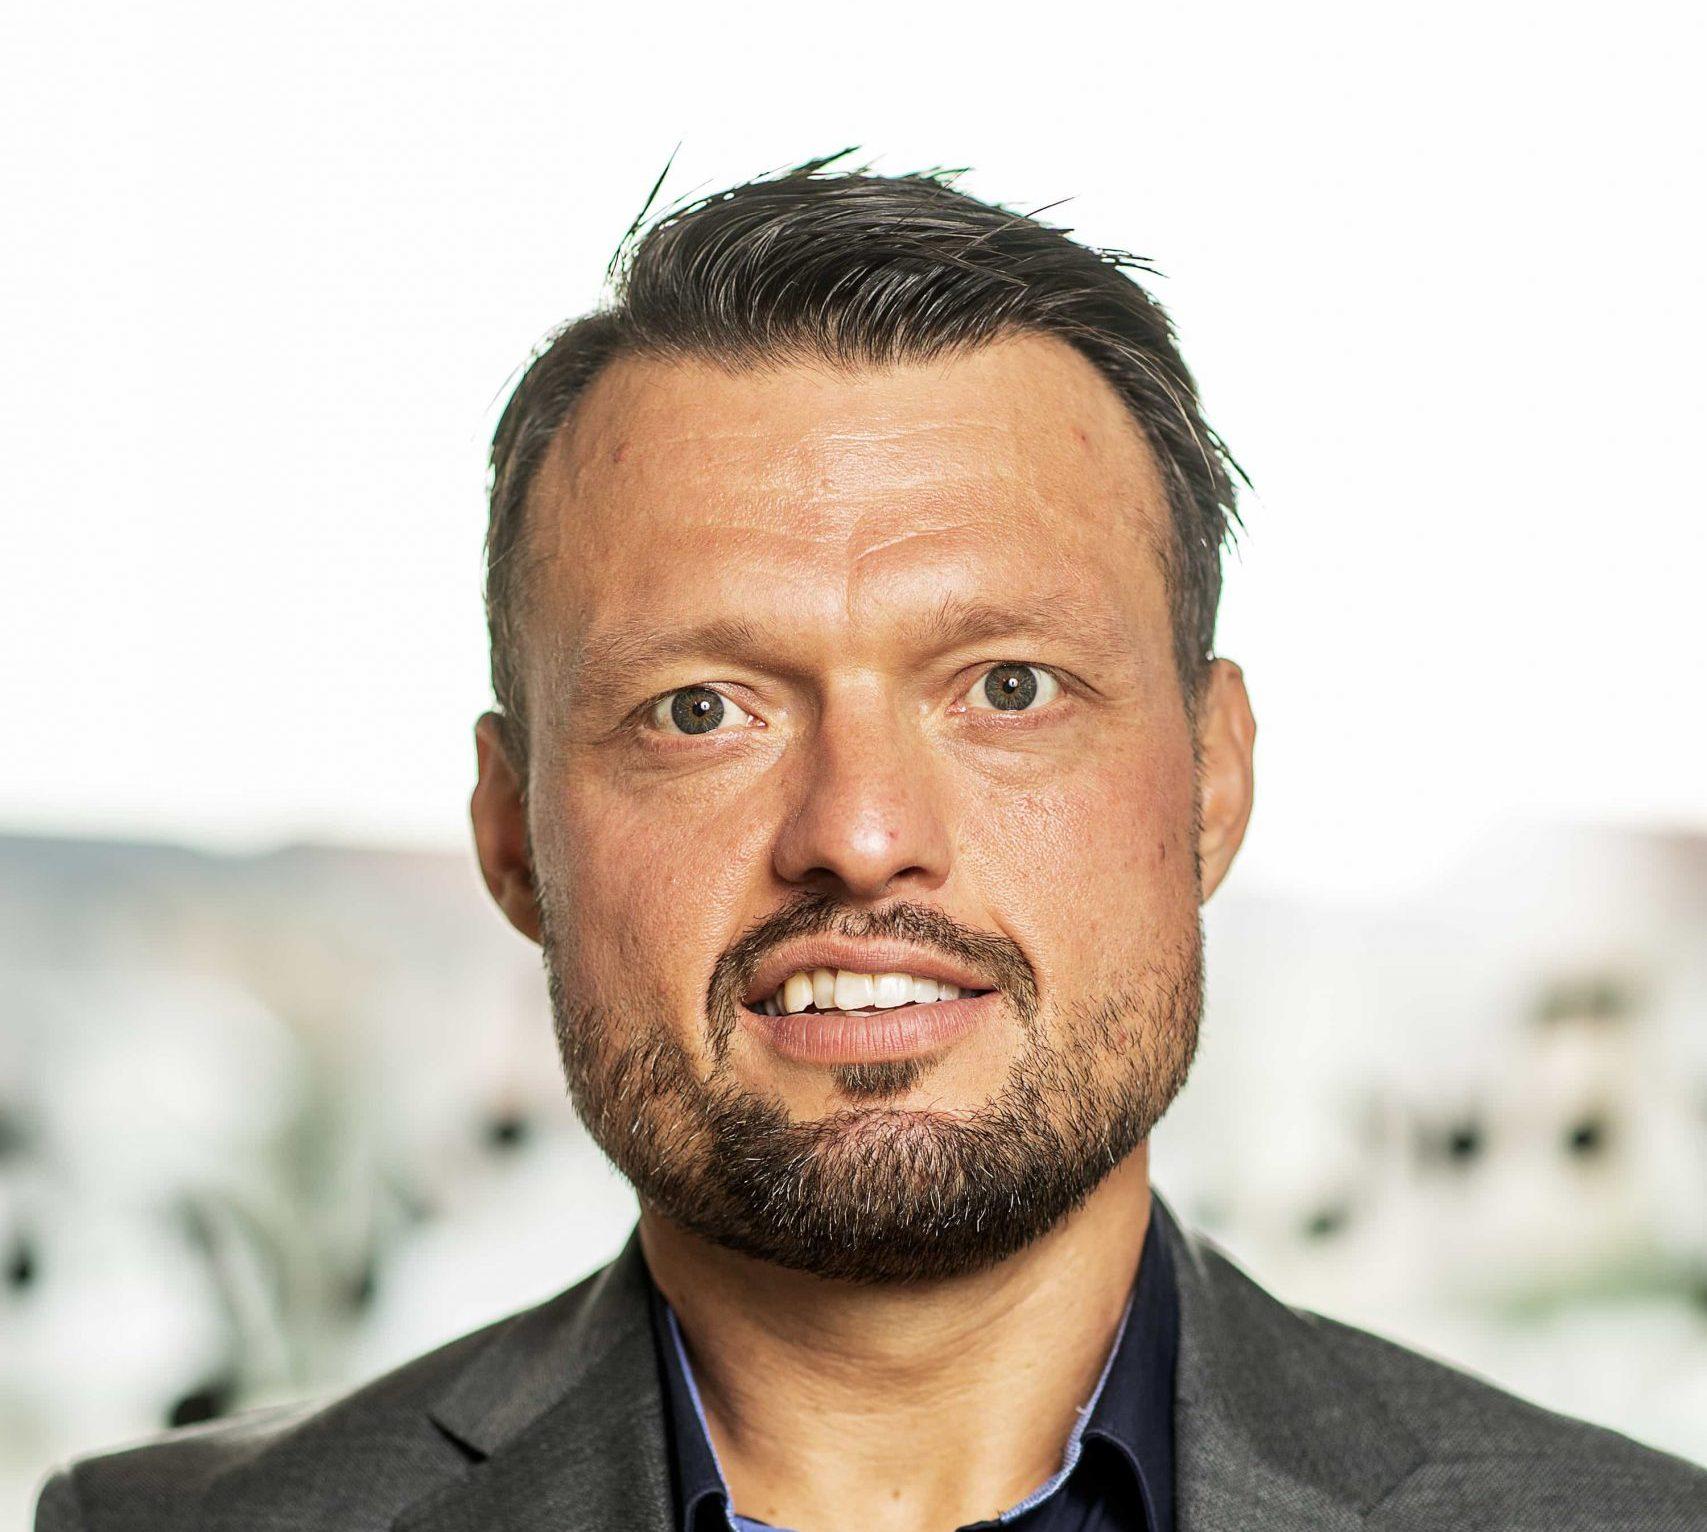 Thomas Danielsen skifter fra starten af det nye år sit nuværende job som salgsdirektør for Odeon Odense ud med direktørrollen for det 4-stjernede Frederik VI lidt udenfor Odense. Foto: Odeon Odense.